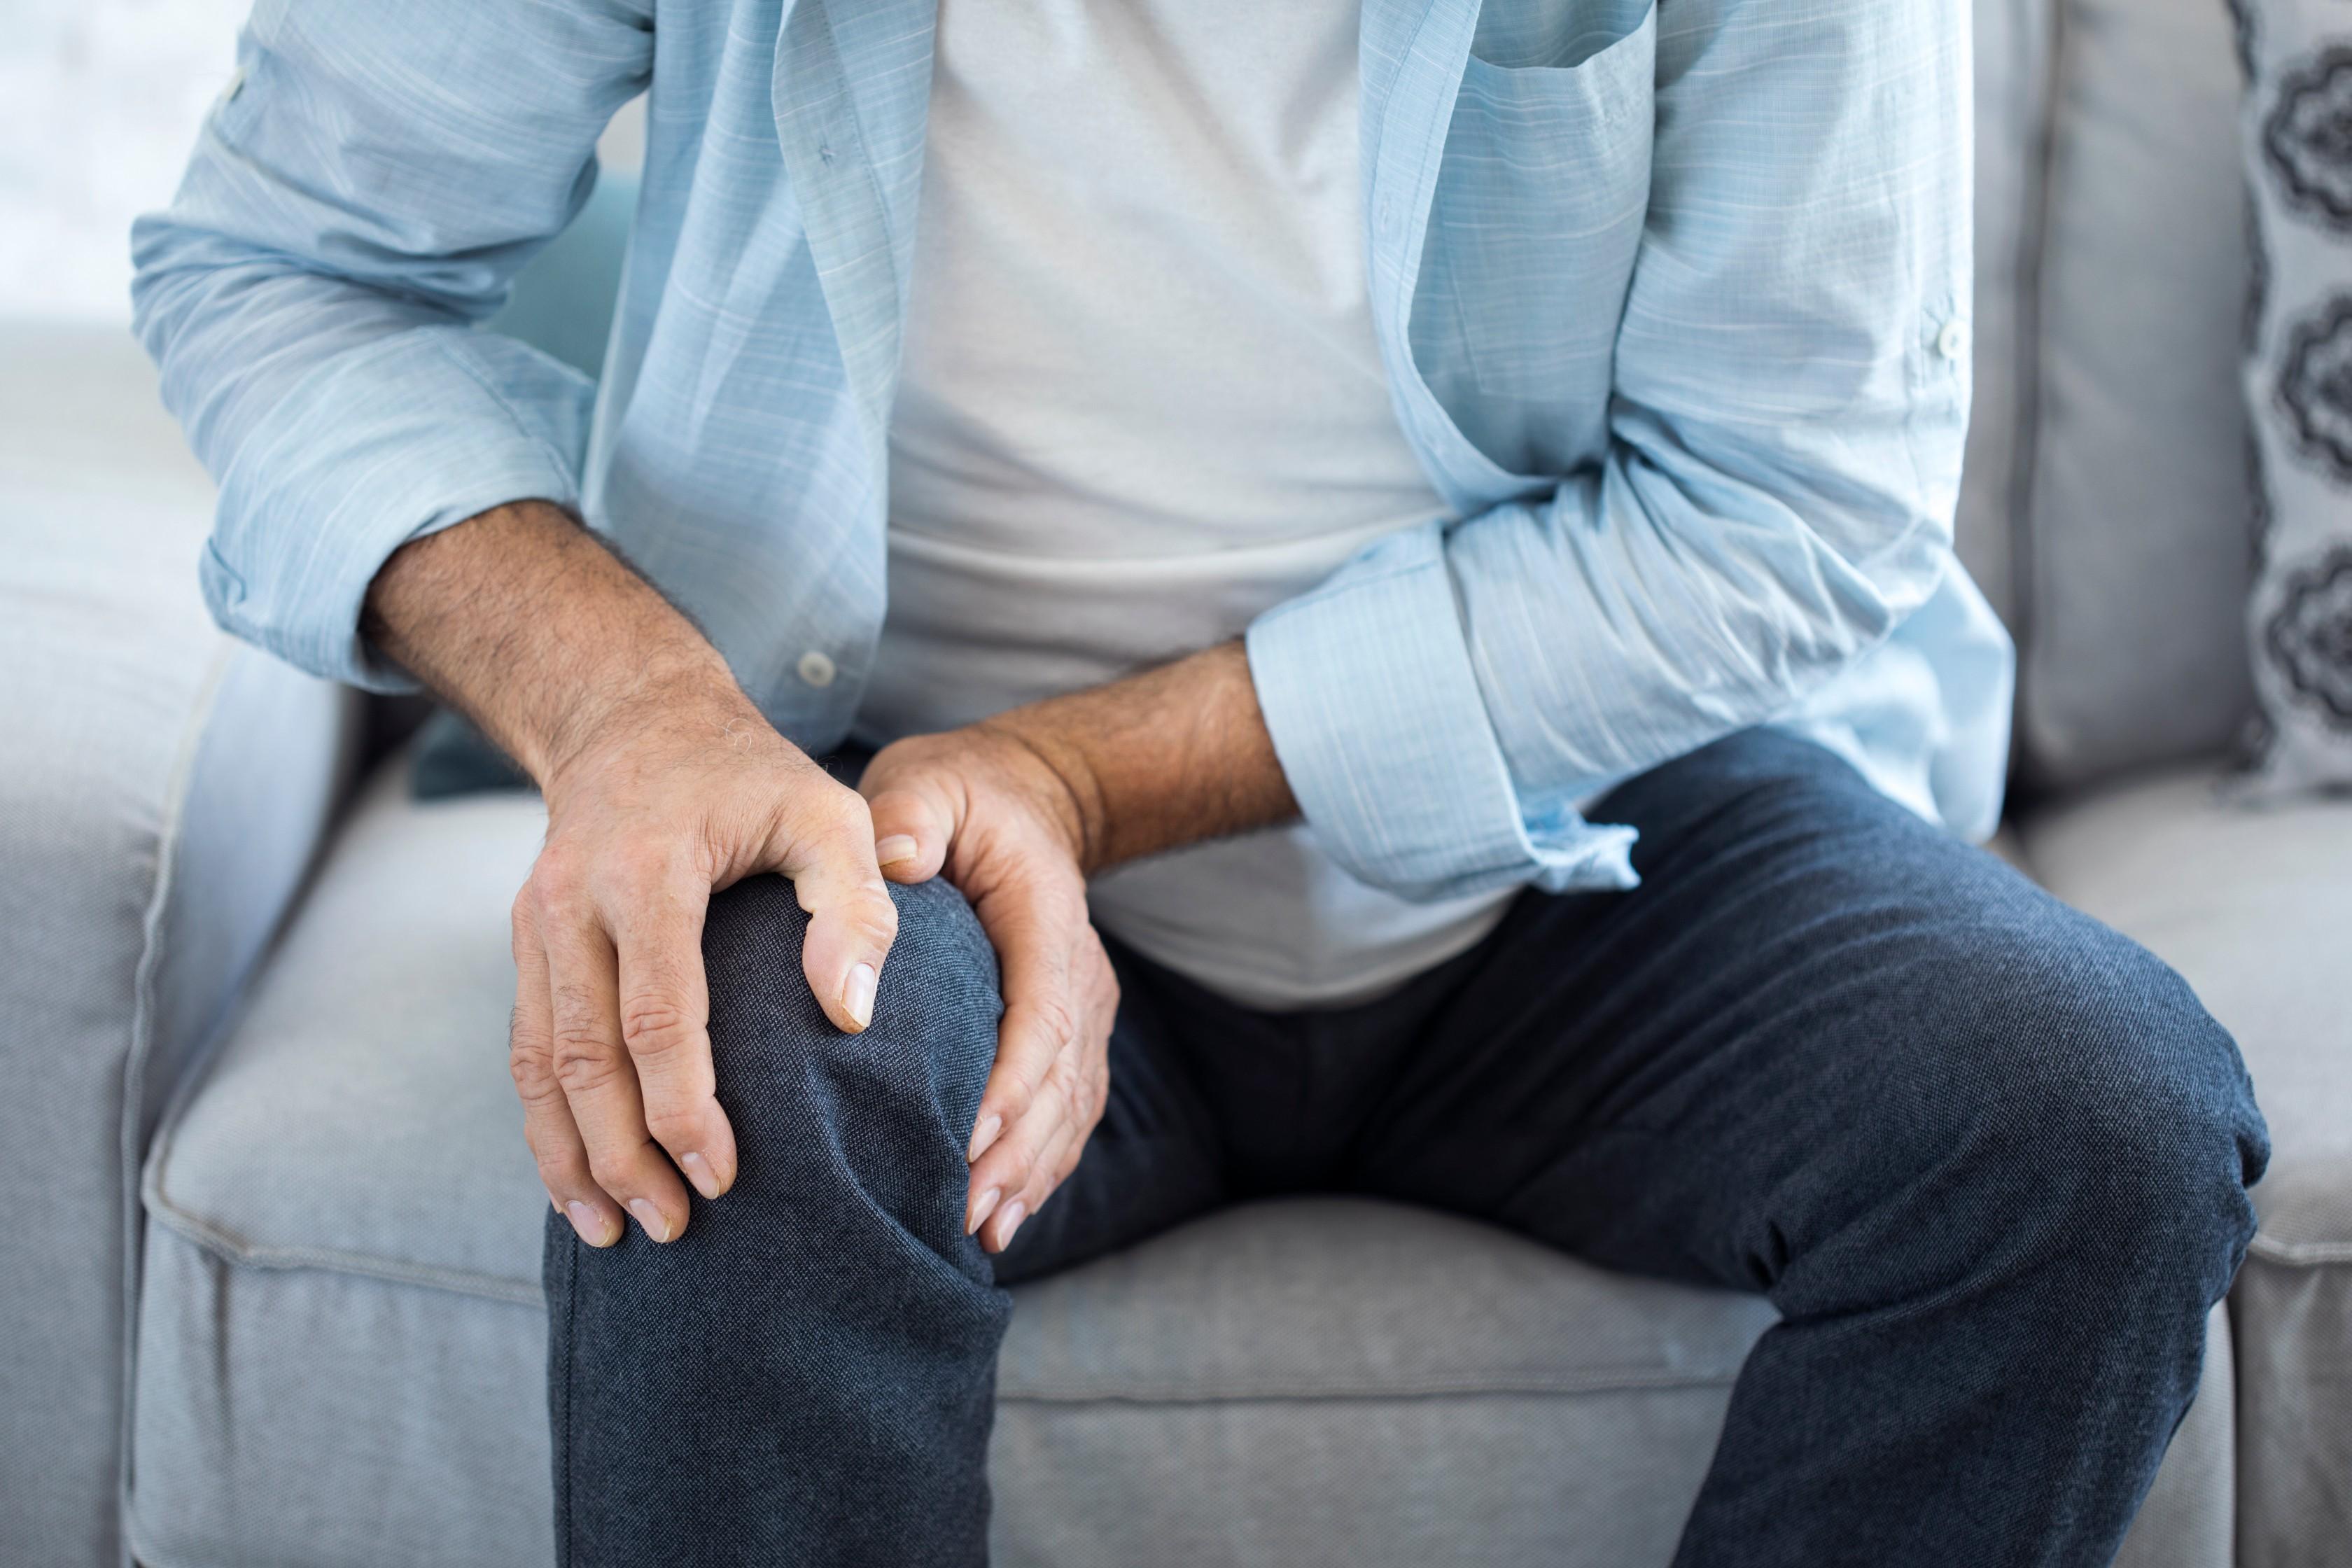 Hagyományos gyógytorna gyakorlatok - Fájdalomközpont